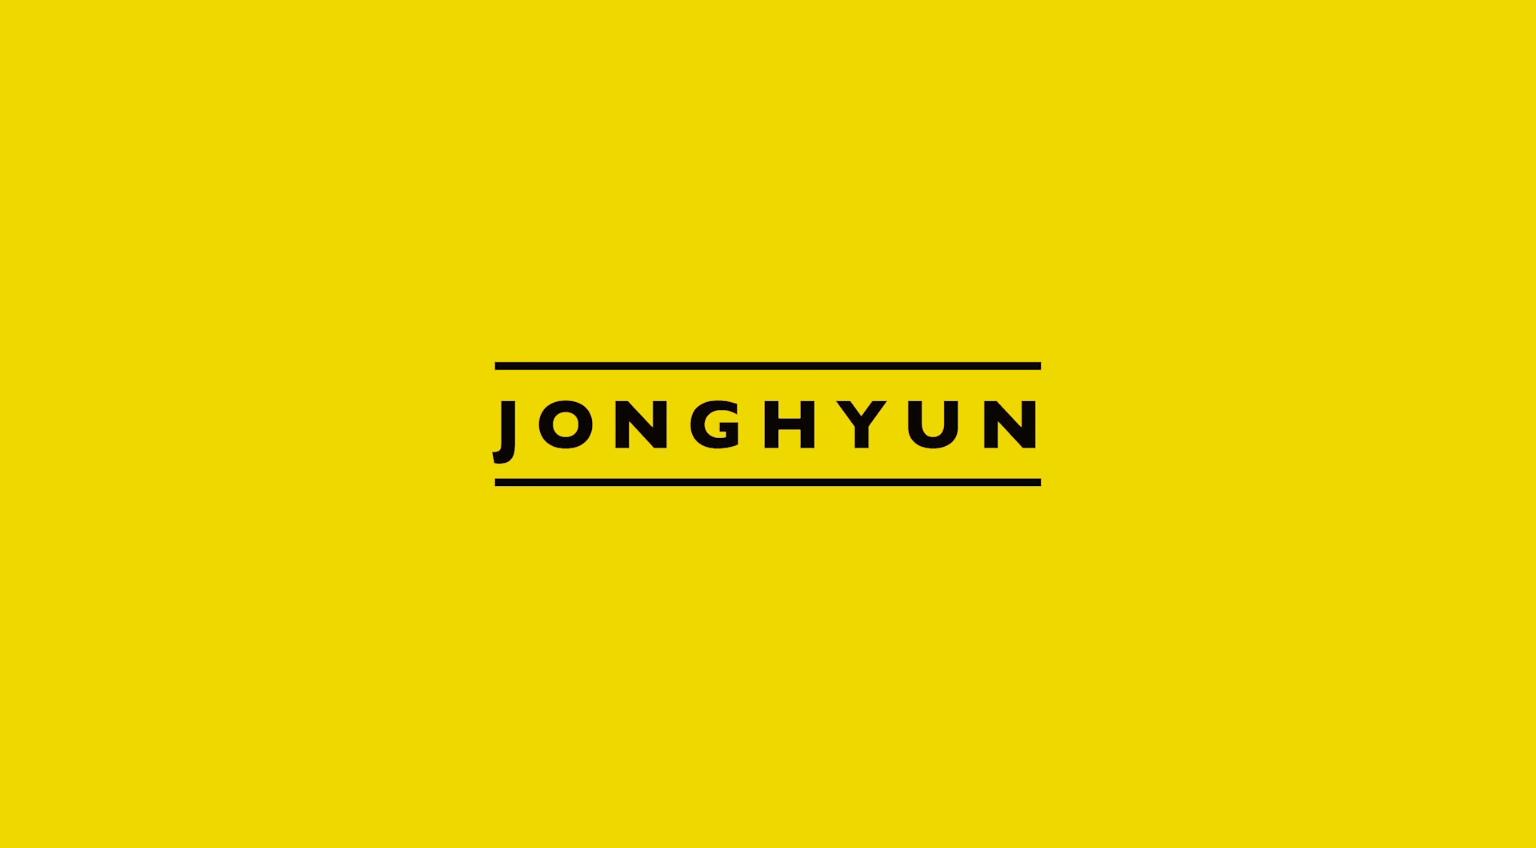 She-Is-Jonghyun-StyleCookieJar-22